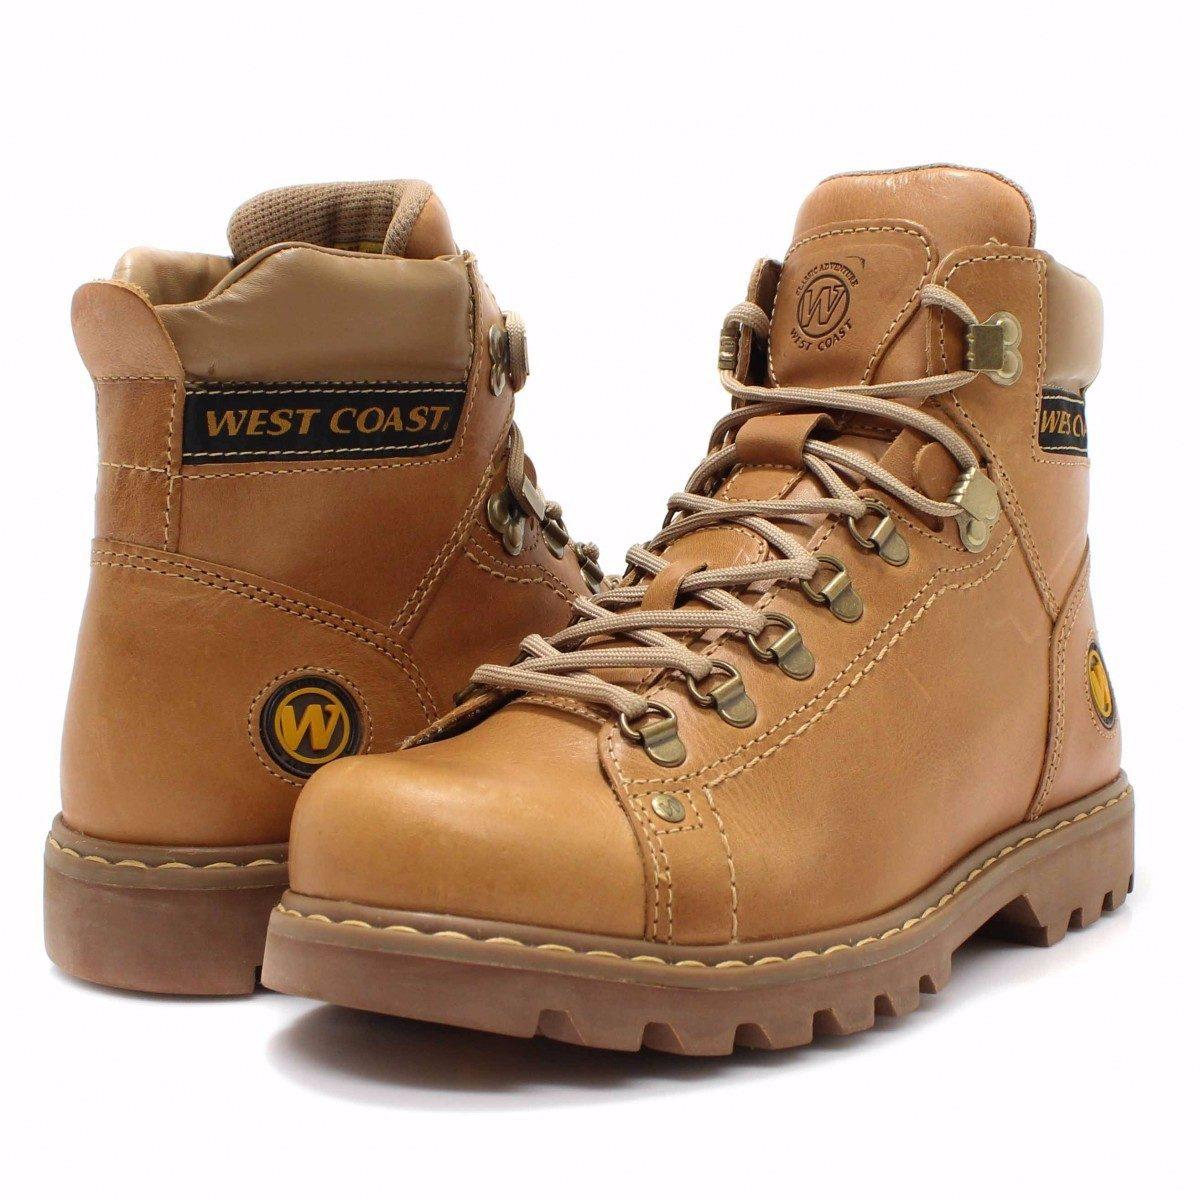 c5aca0326e bota west coast worker classic couro legítimo masculina. Carregando zoom.